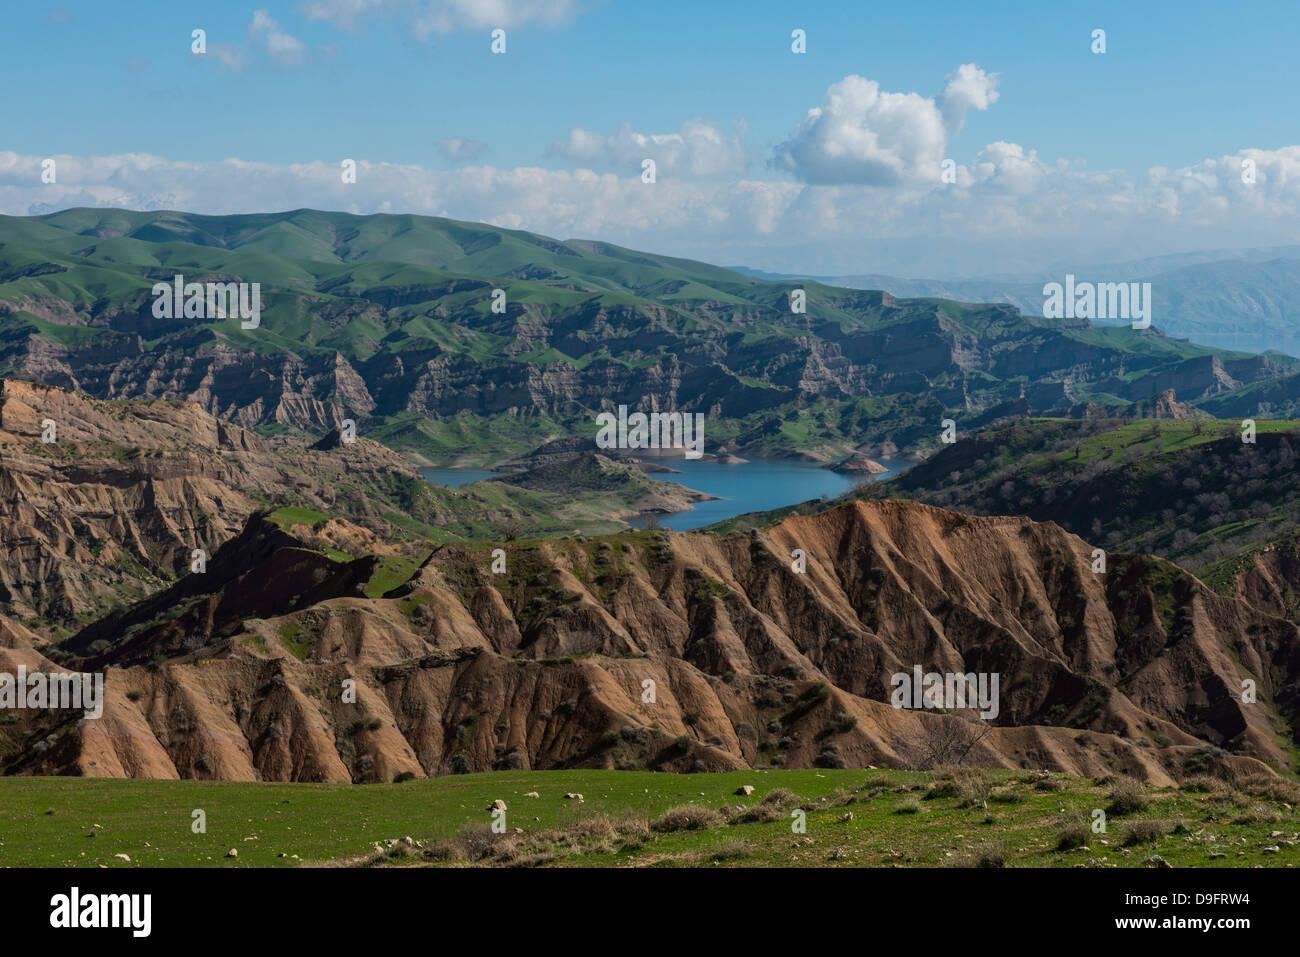 Grüne Landschaft rund um den Darbandikhan Stausee an der Grenze zwischen Iran, Kurdistan-Irak, Irak, Nahost Stockbild